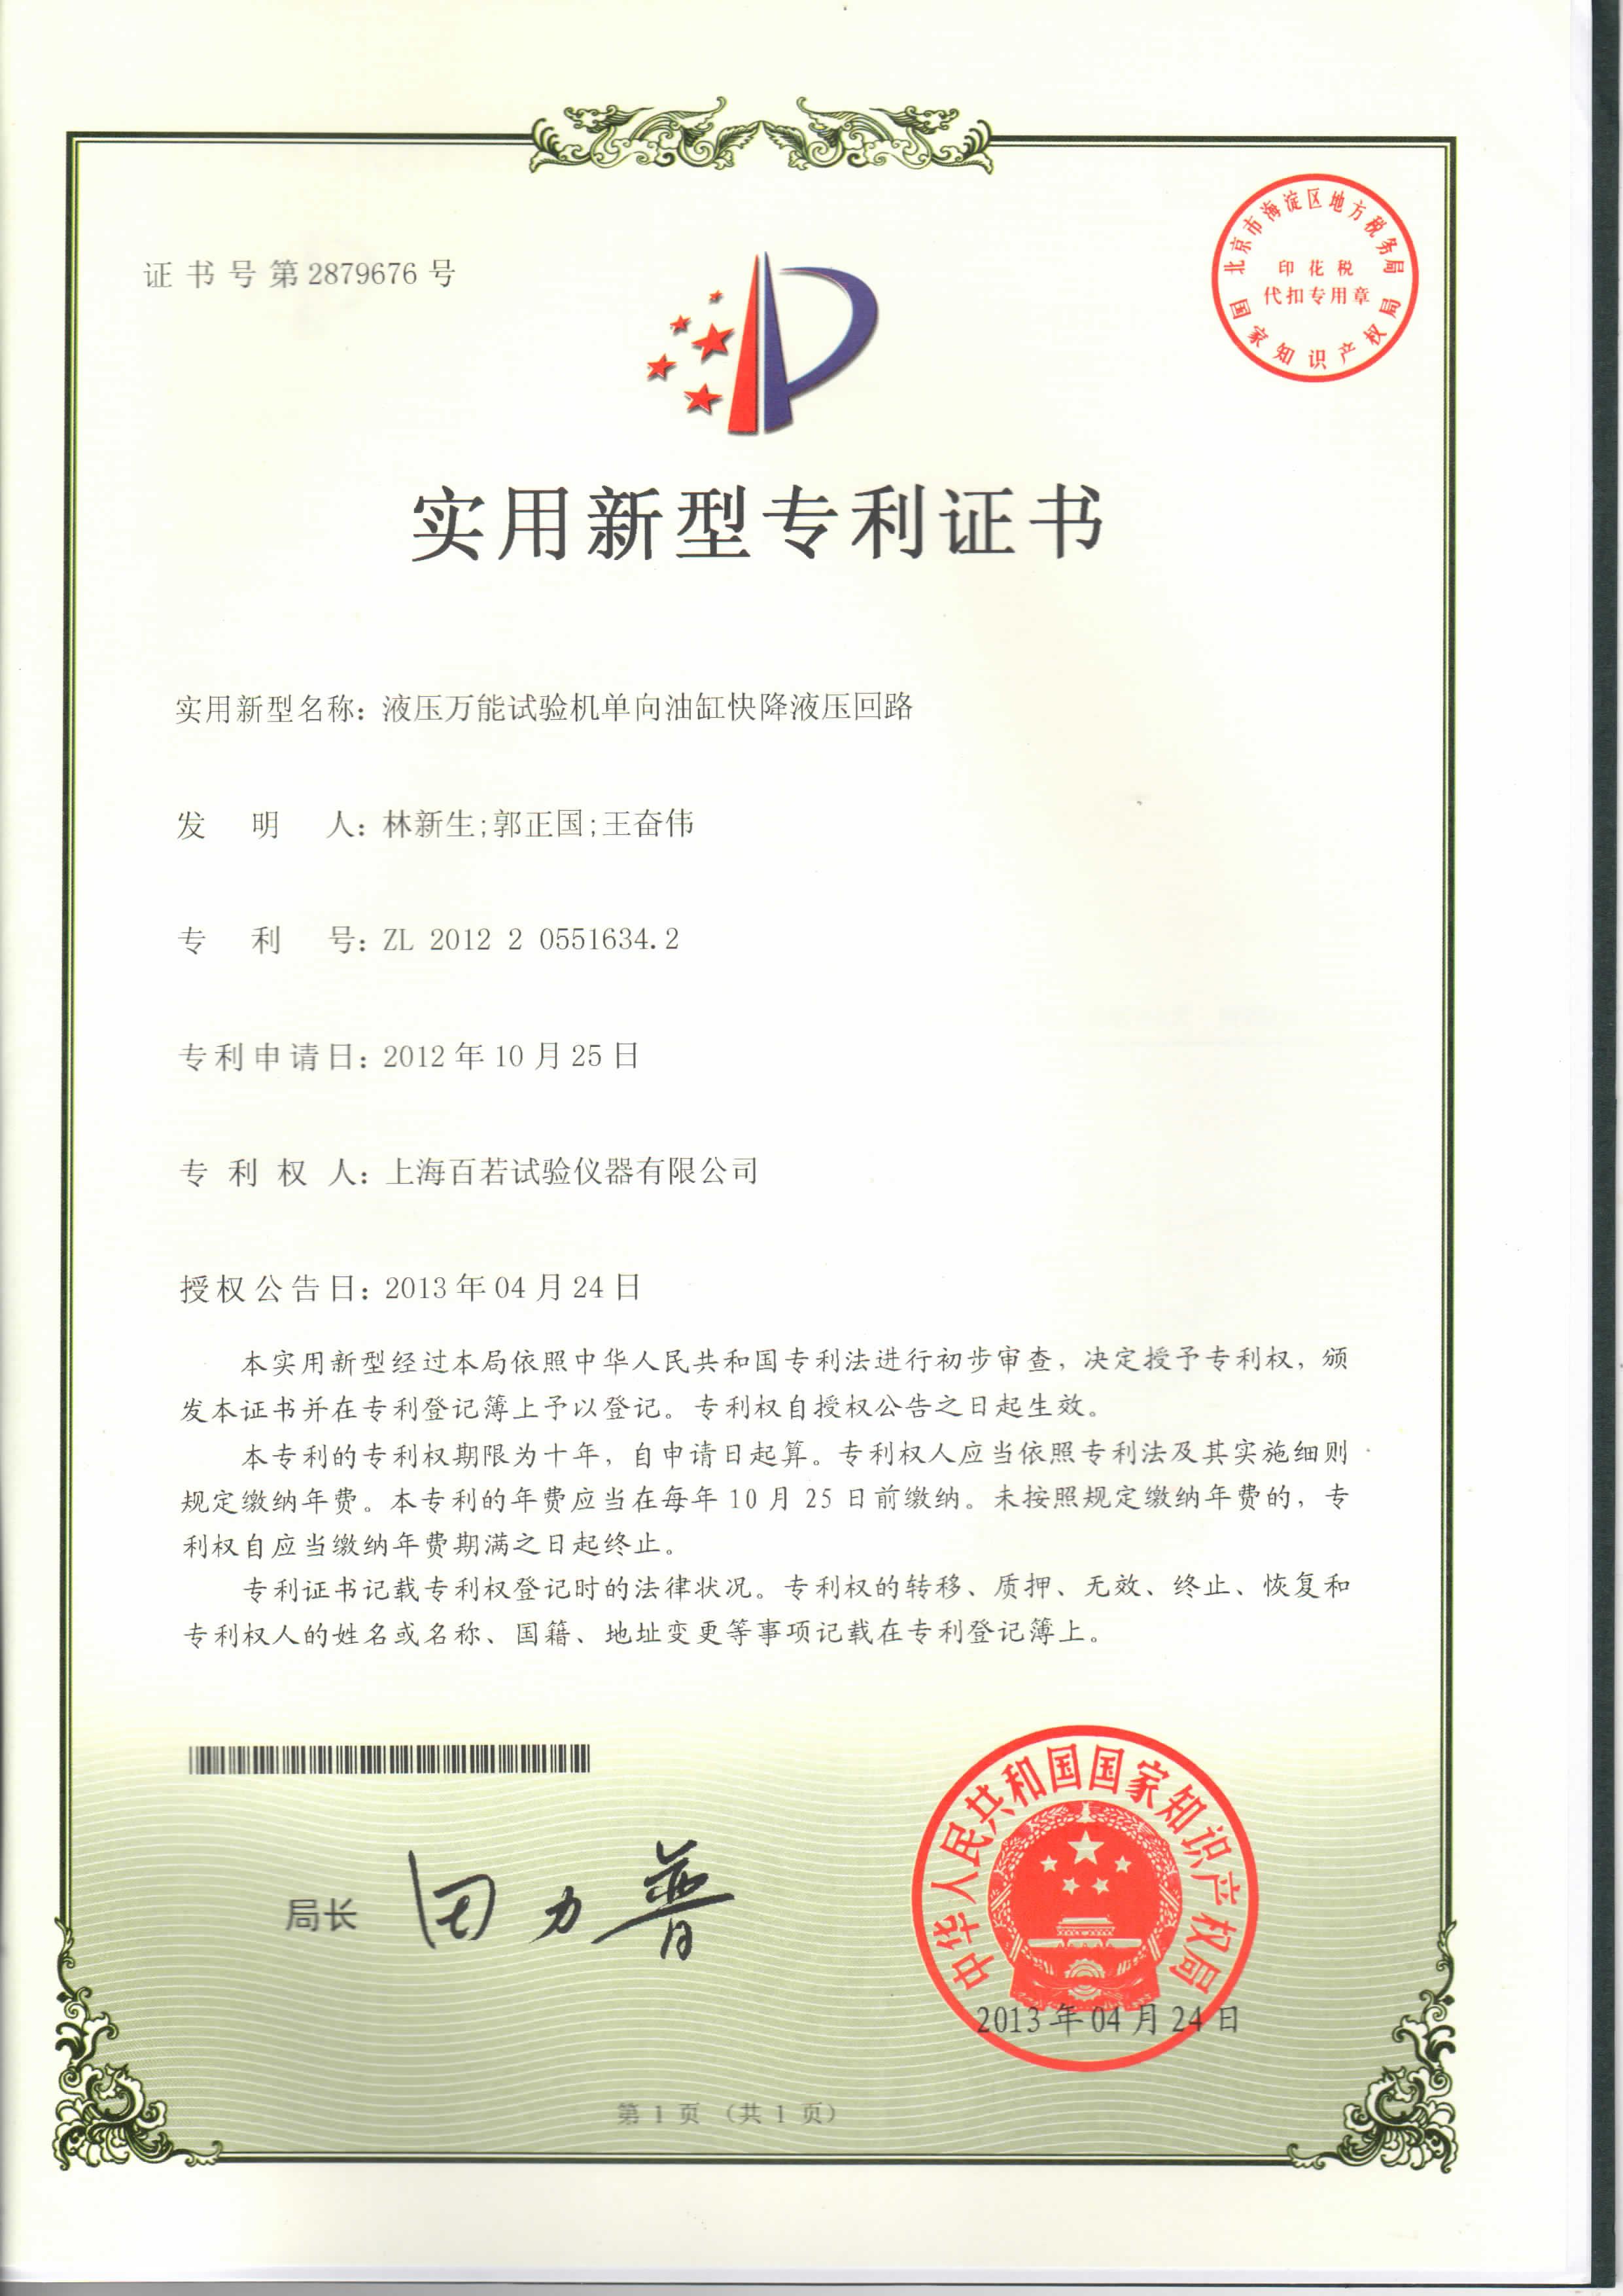 專利證書-液壓萬能試驗機單向油缺快降液壓回路